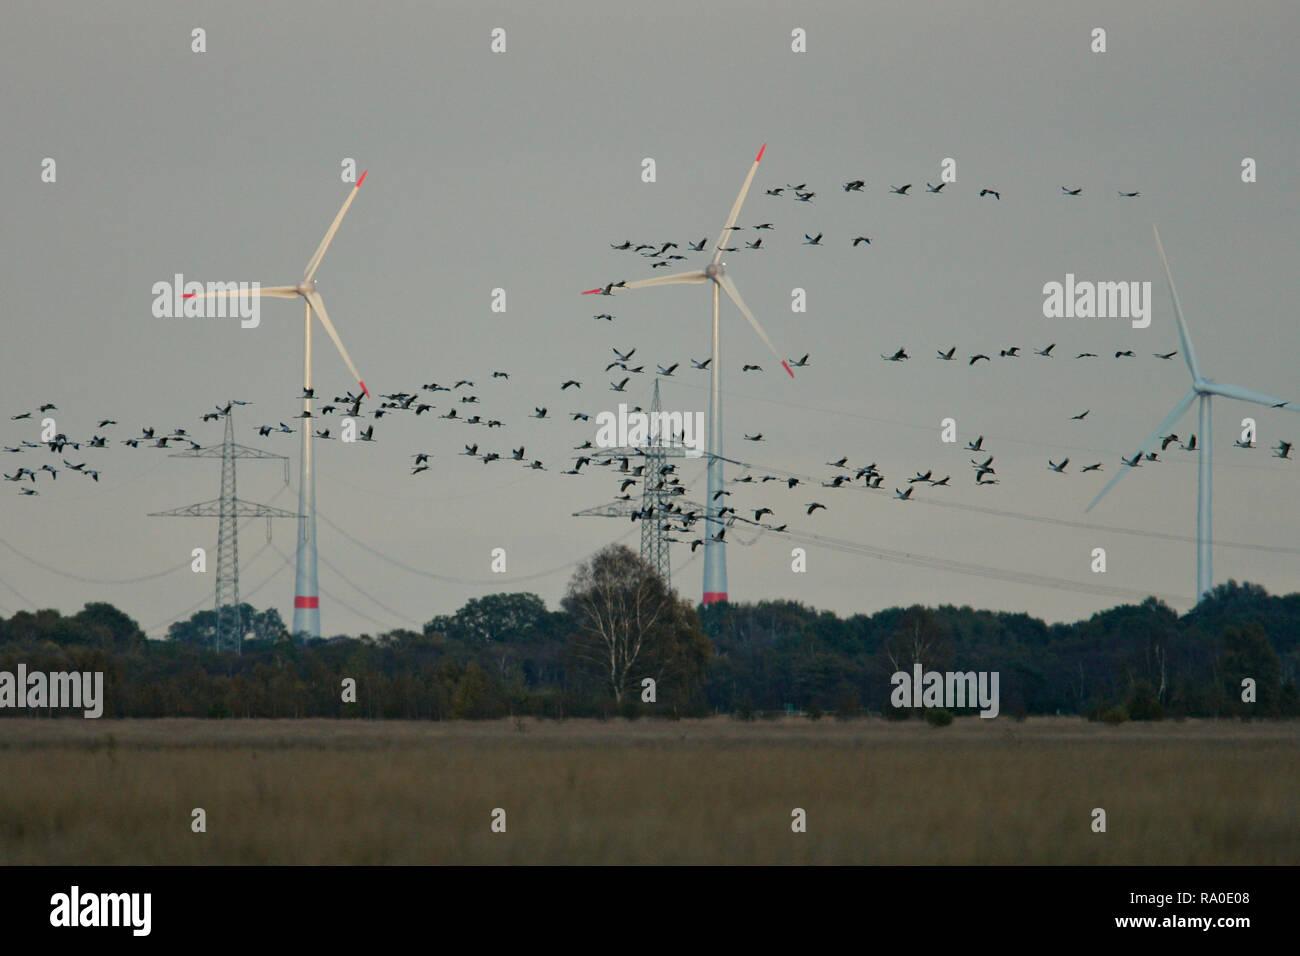 Grulla común (grus grus) gran rebaño vuelo y aterrizaje en frente de las turbinas eólicas, Hesse, Alemania Foto de stock